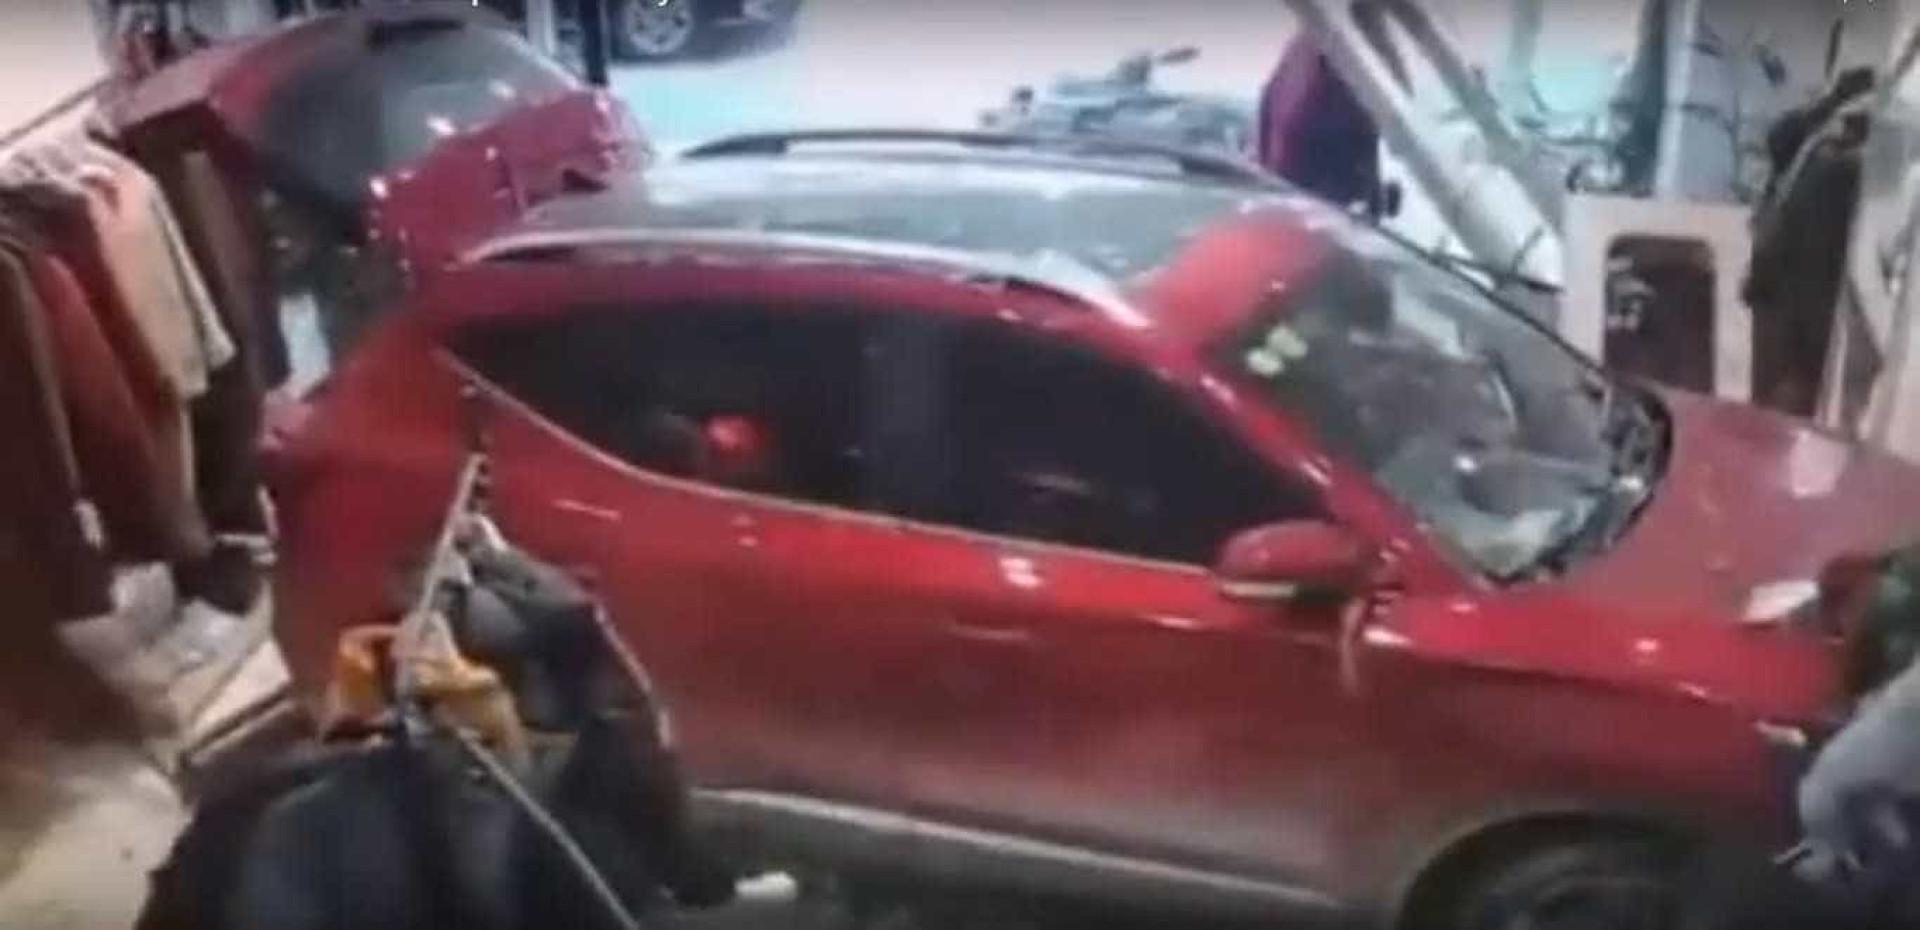 Carro em excesso de velocidade entra por uma loja e atinge funcionária